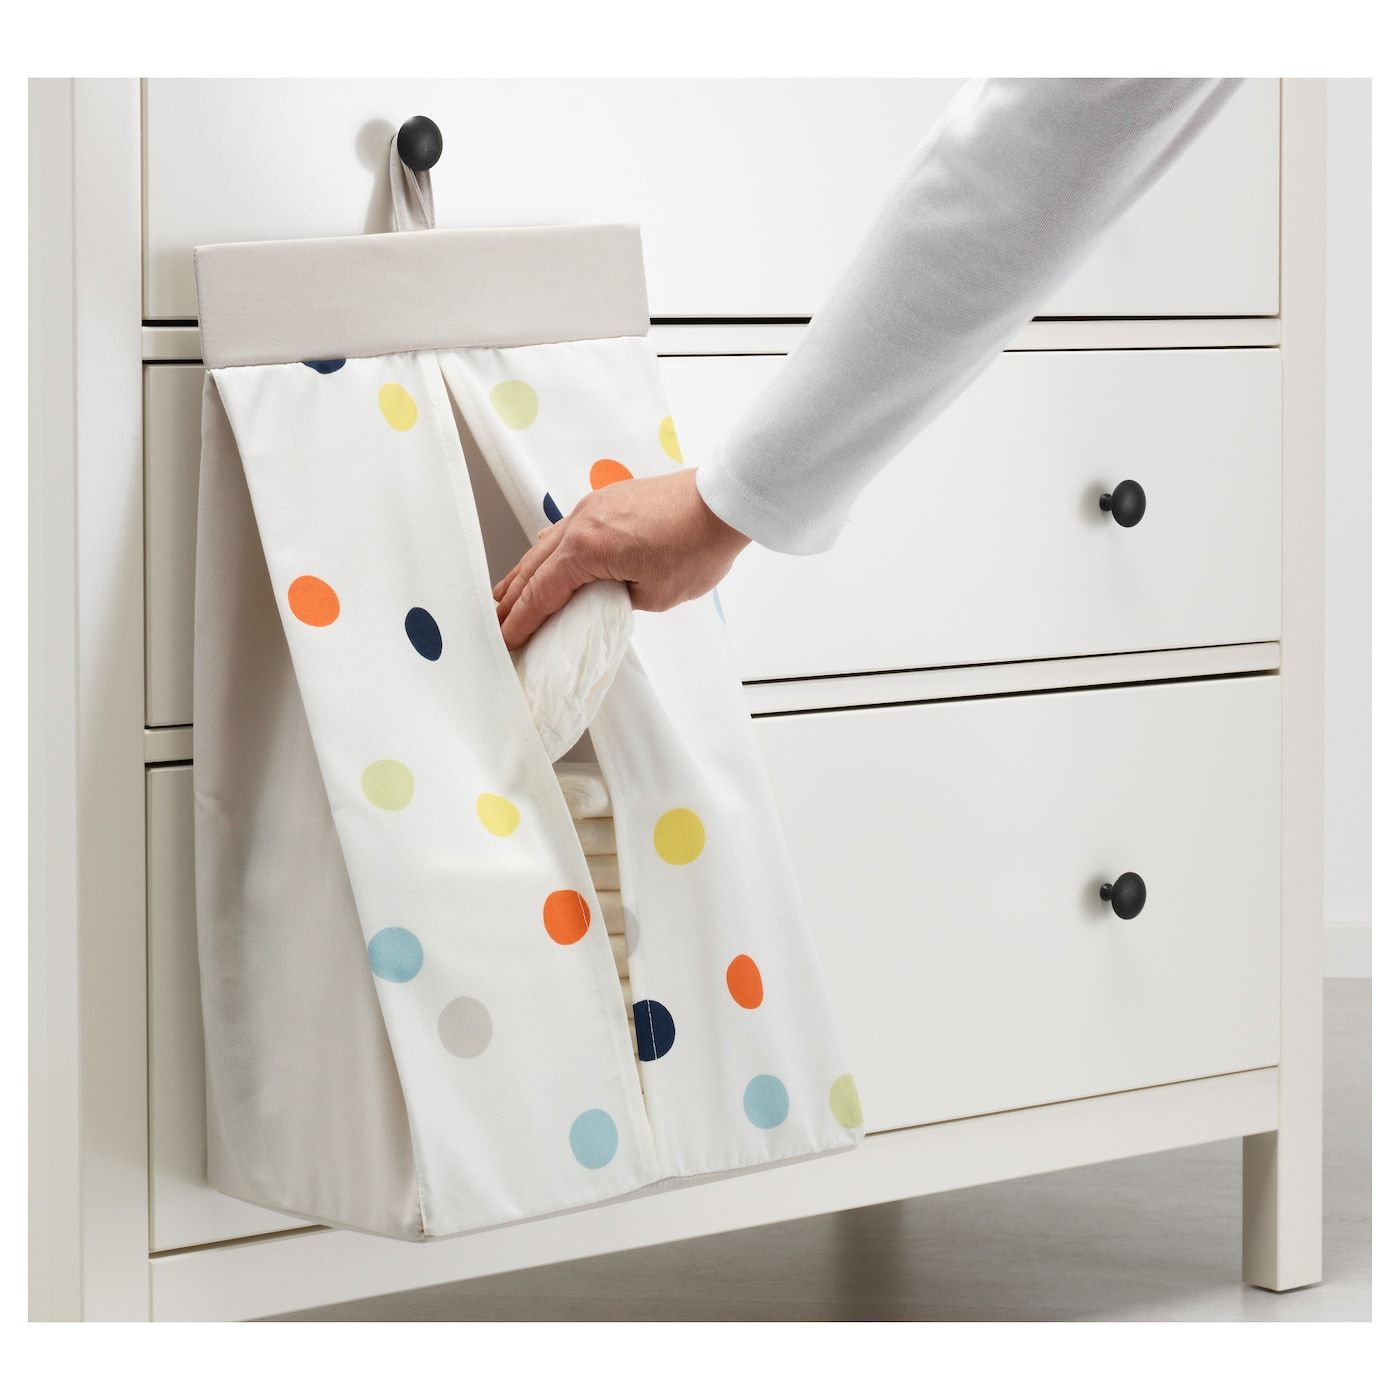 Mobilier Et Decoration Interieur Et Exterieur Diaper Stacker Diaper Organization Ikea Nursery Hack